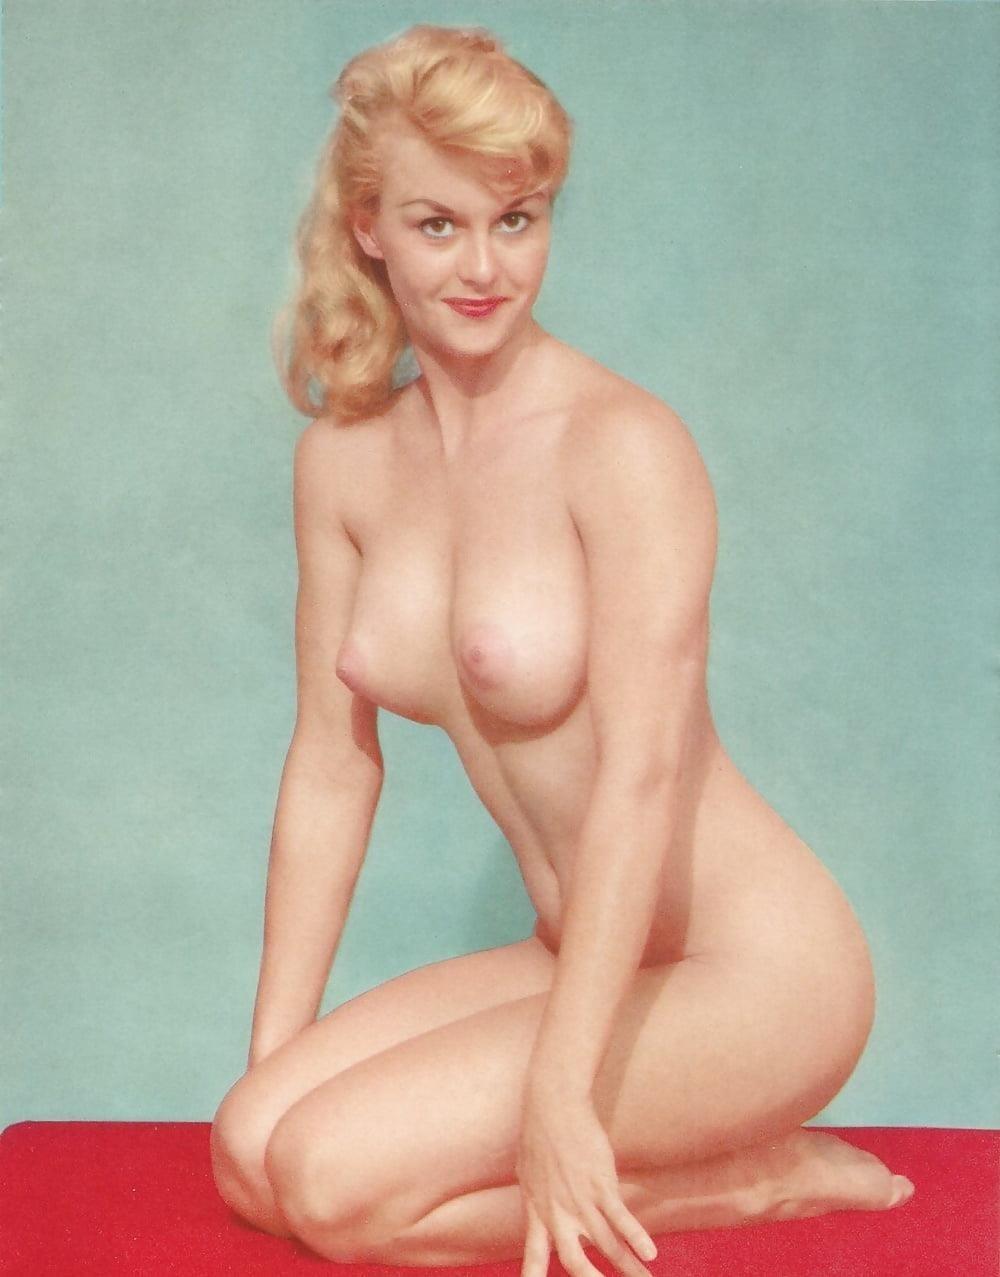 Charlene holt nude